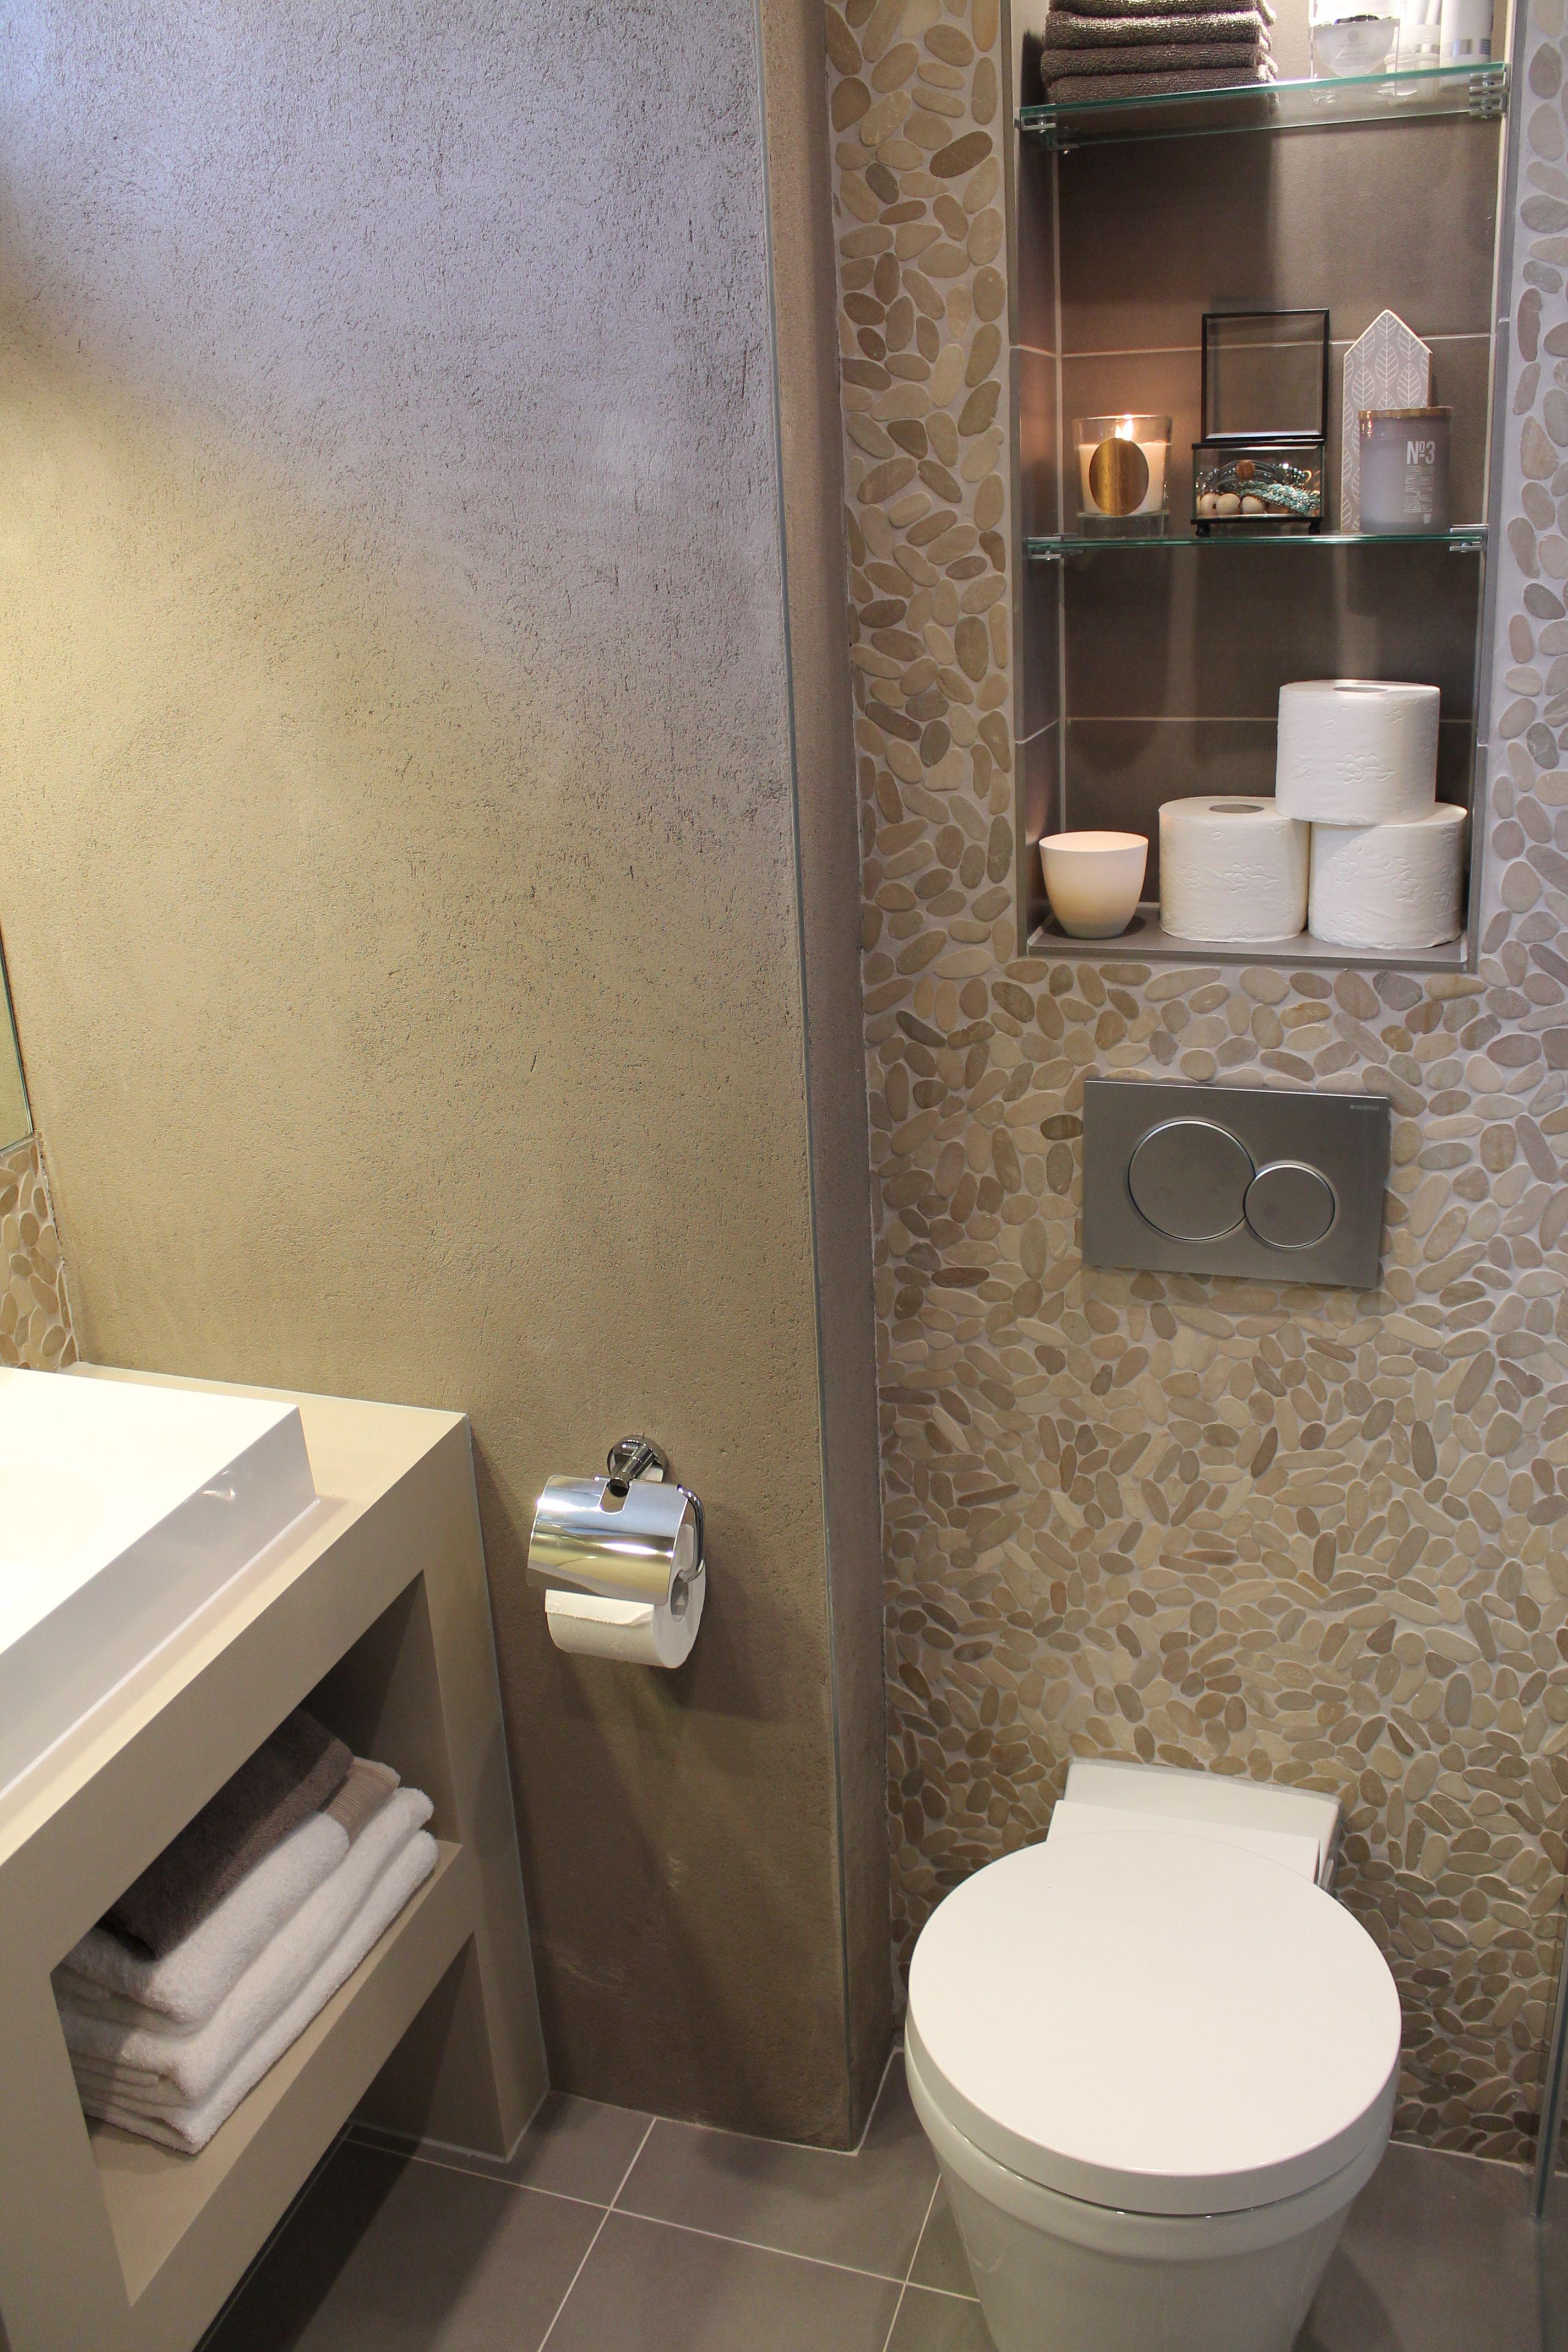 Koopadvies Voor Al Je Klussen In 2018 Bathrooms Pinterest